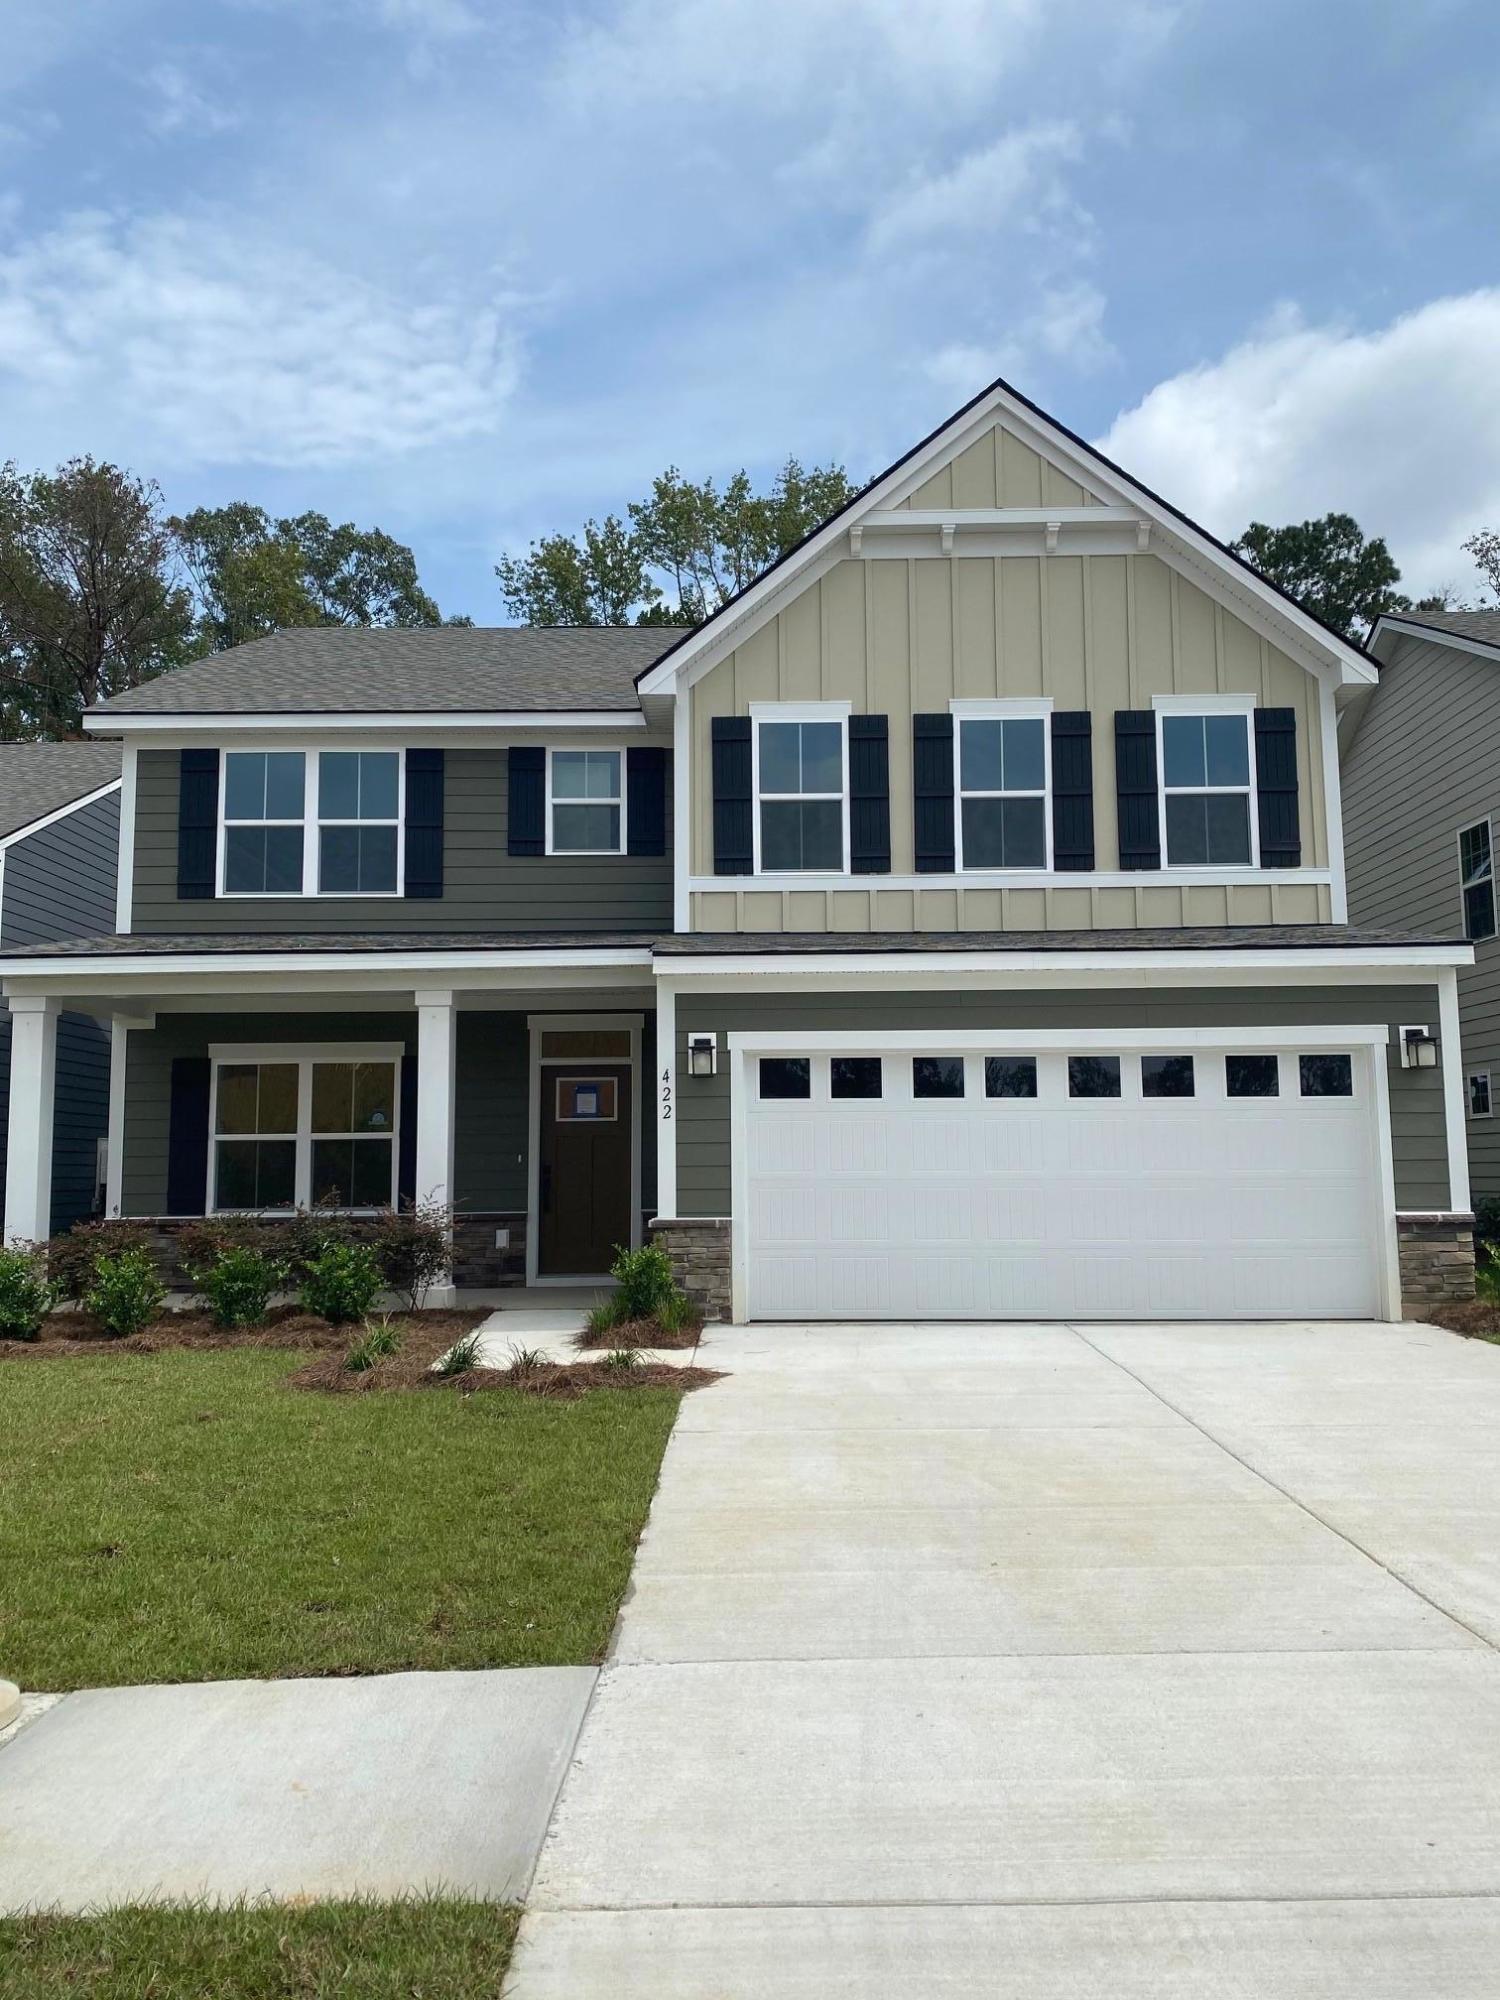 422 Coopers Hawk Drive Summerville, Sc 29483